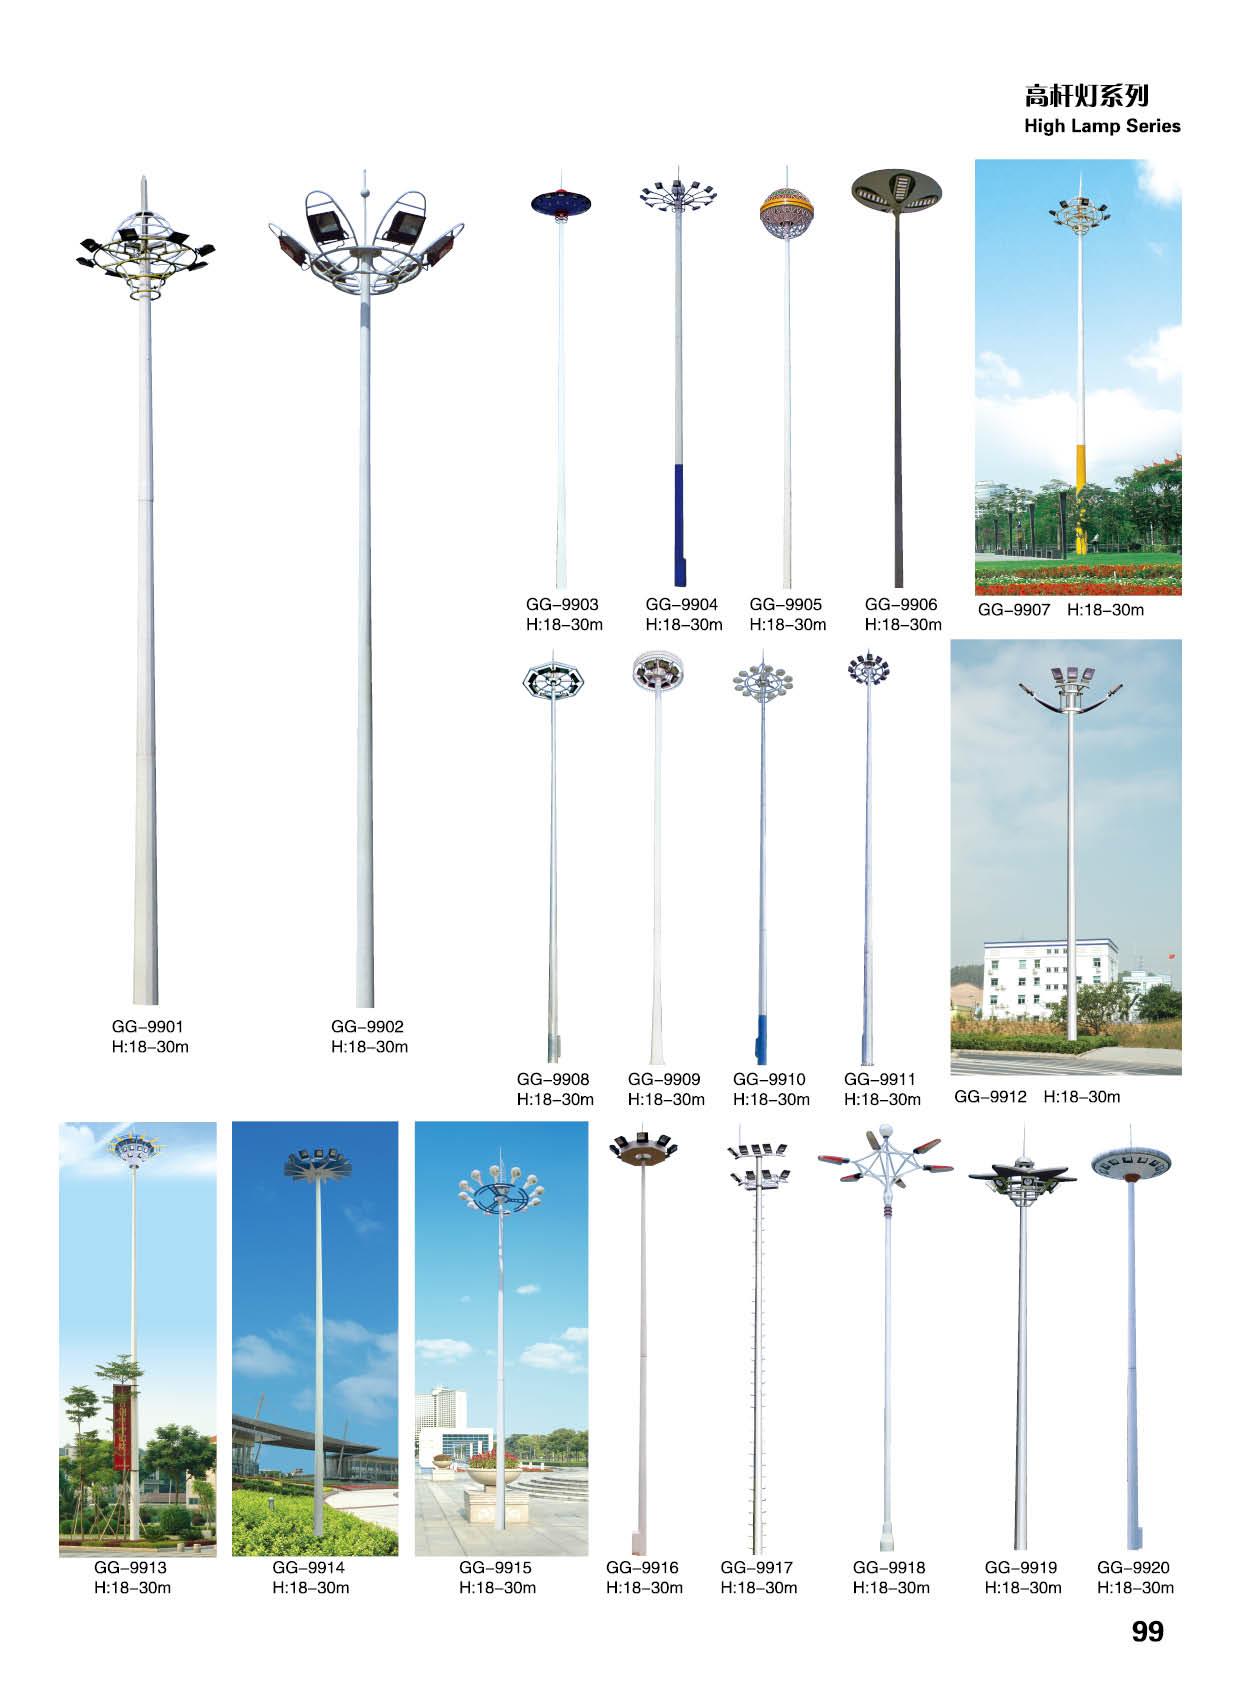 高杆灯厂家-优良的高杆灯品牌推荐